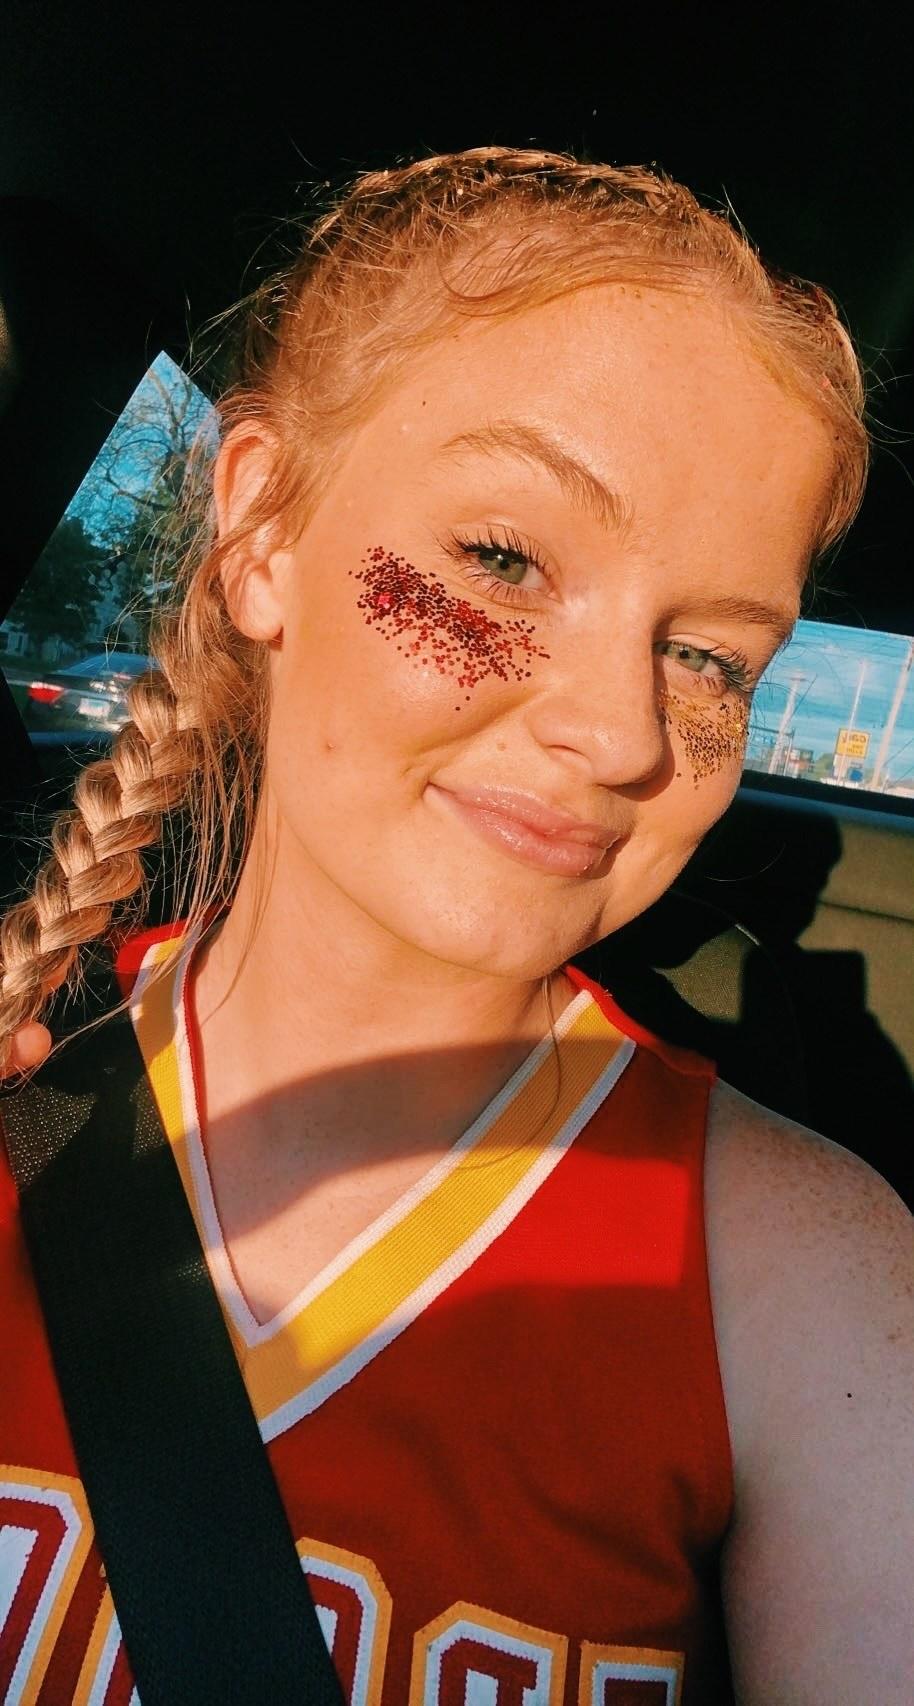 Senior Cheerleader Kimberly